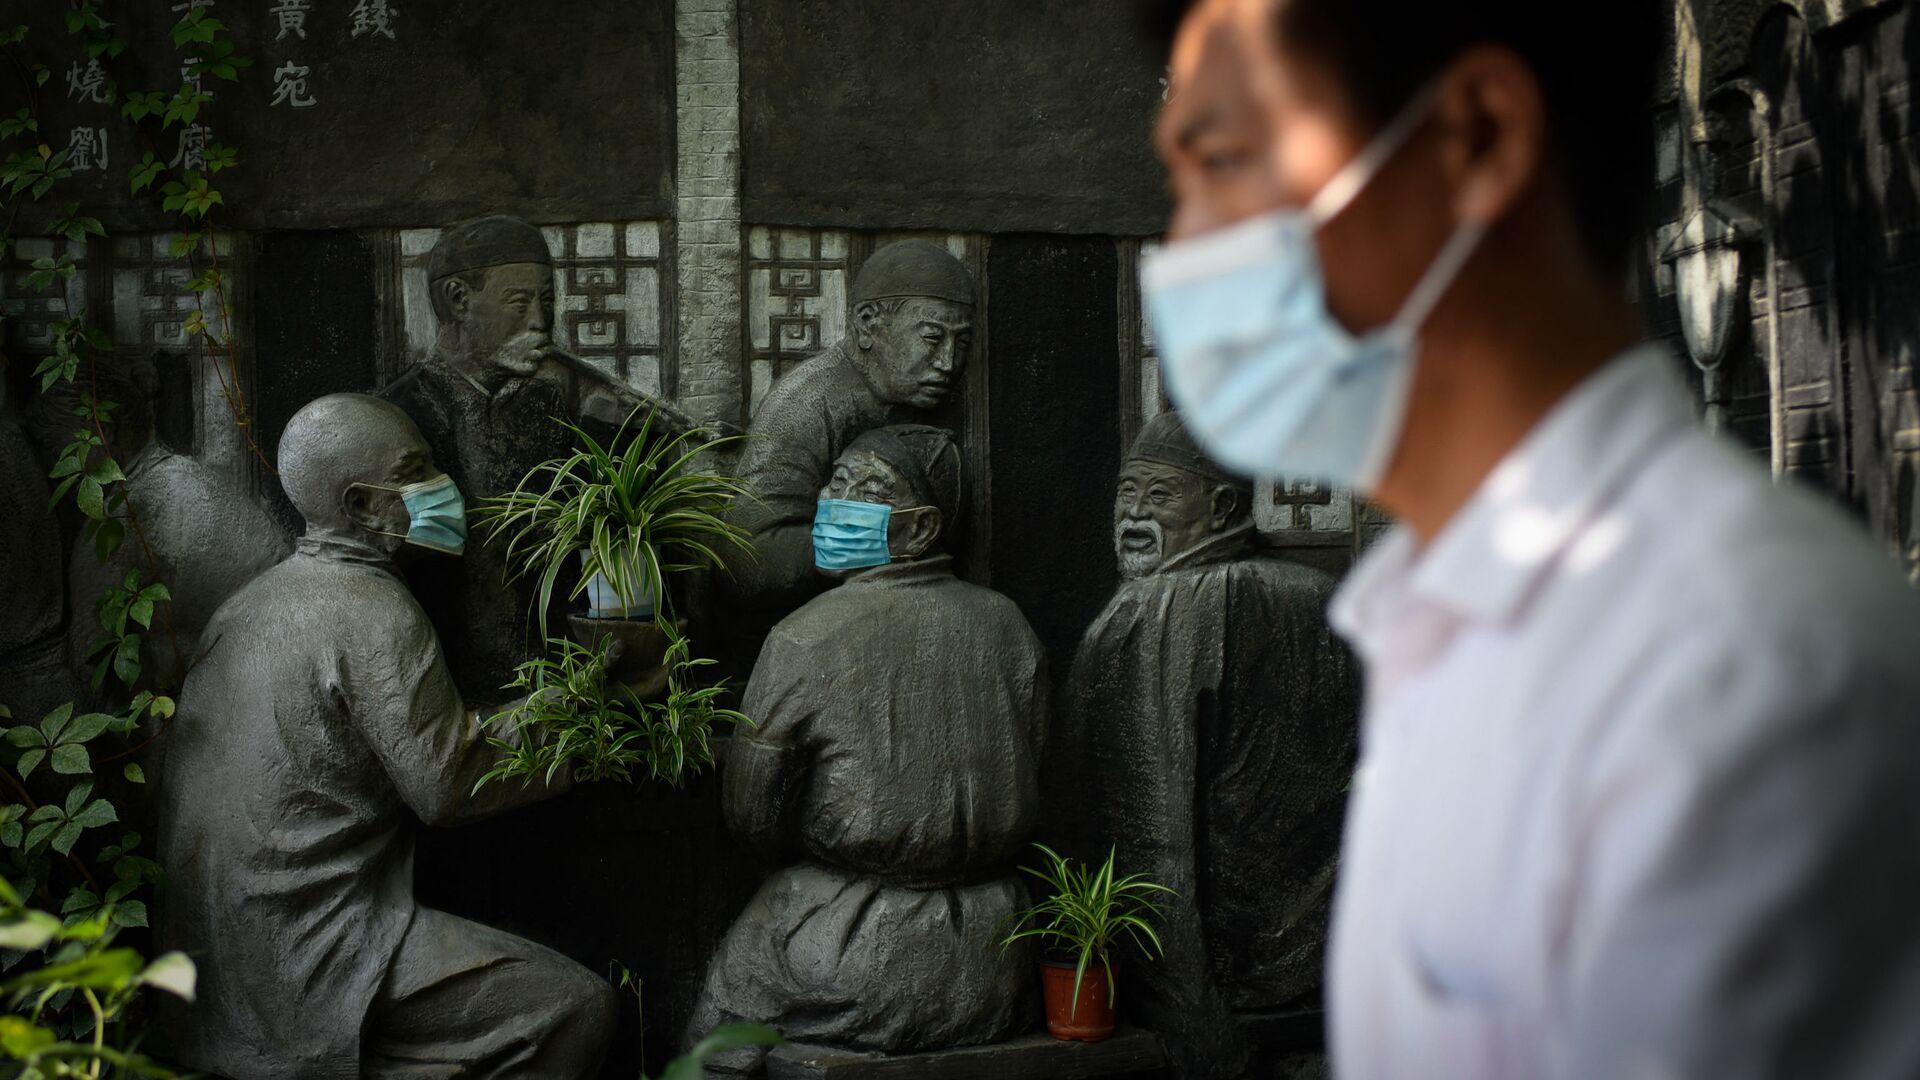 Muž prochází kolem soch v rouškách u restaurace v Pekingu, Čína - Sputnik Česká republika, 1920, 12.09.2021